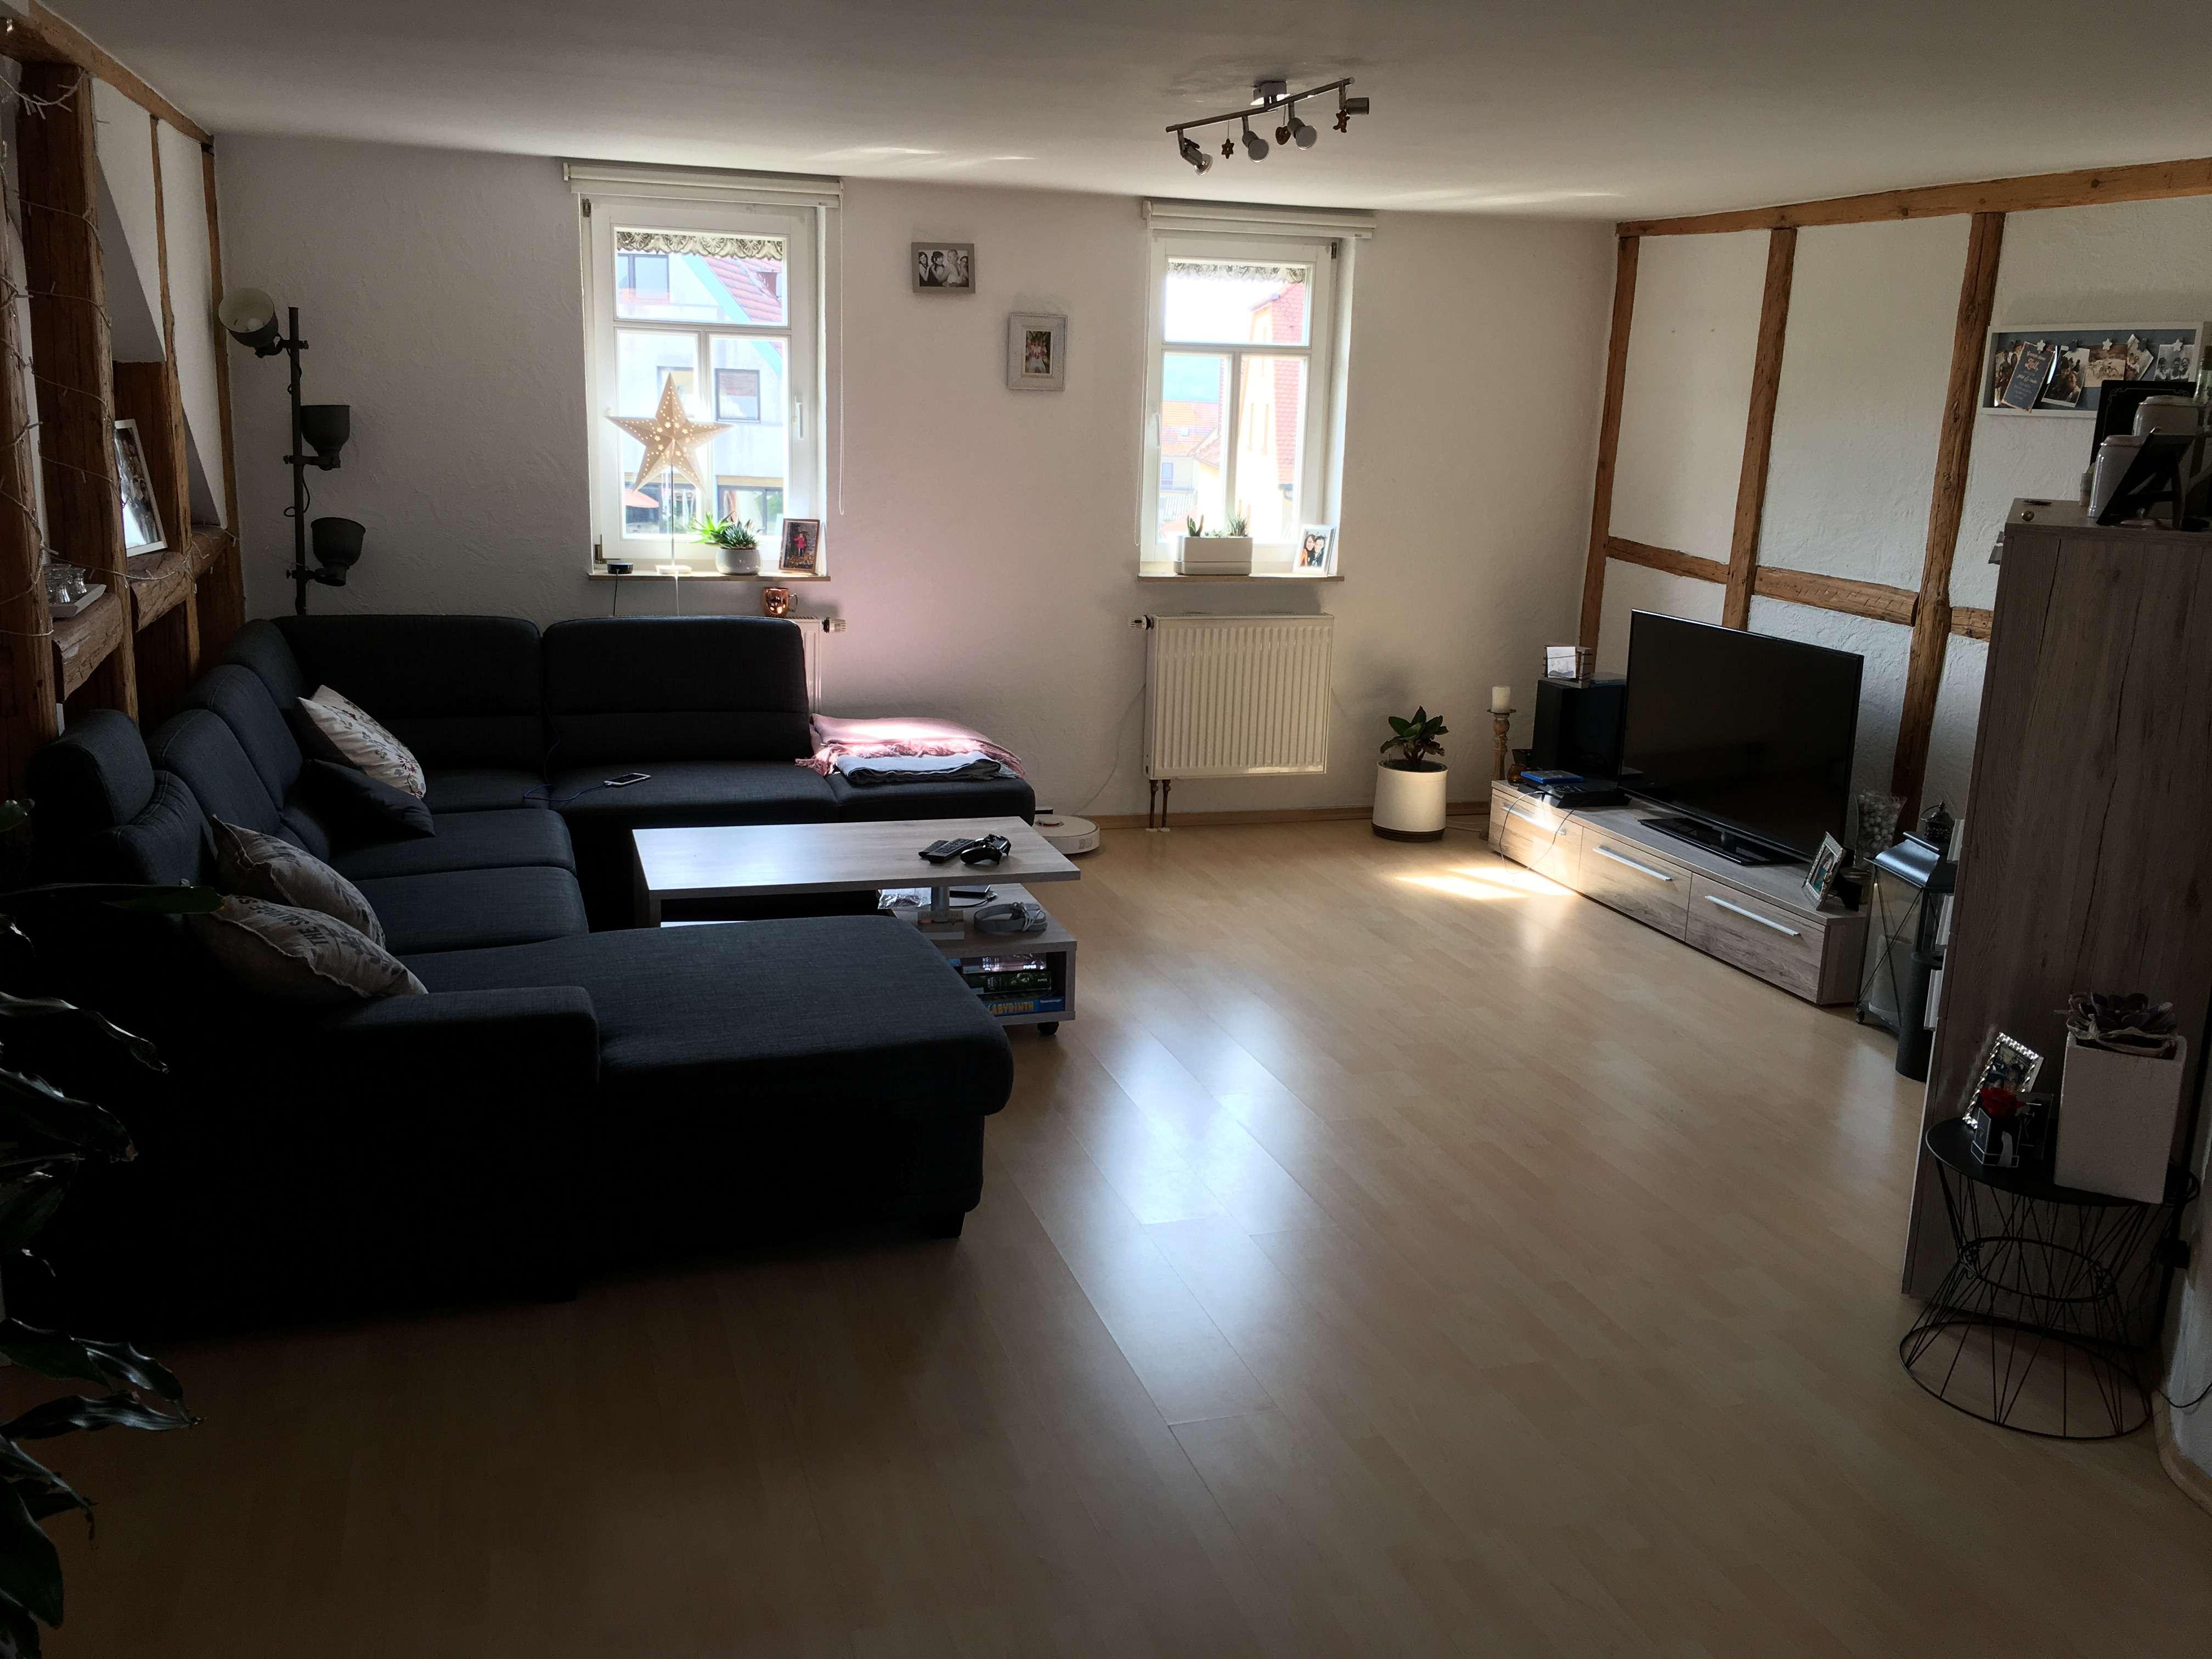 Nachmieter ab 01.08. gesucht für 2-Zimmer-Wohnung mit EBK in Haßfurt Innenstadt